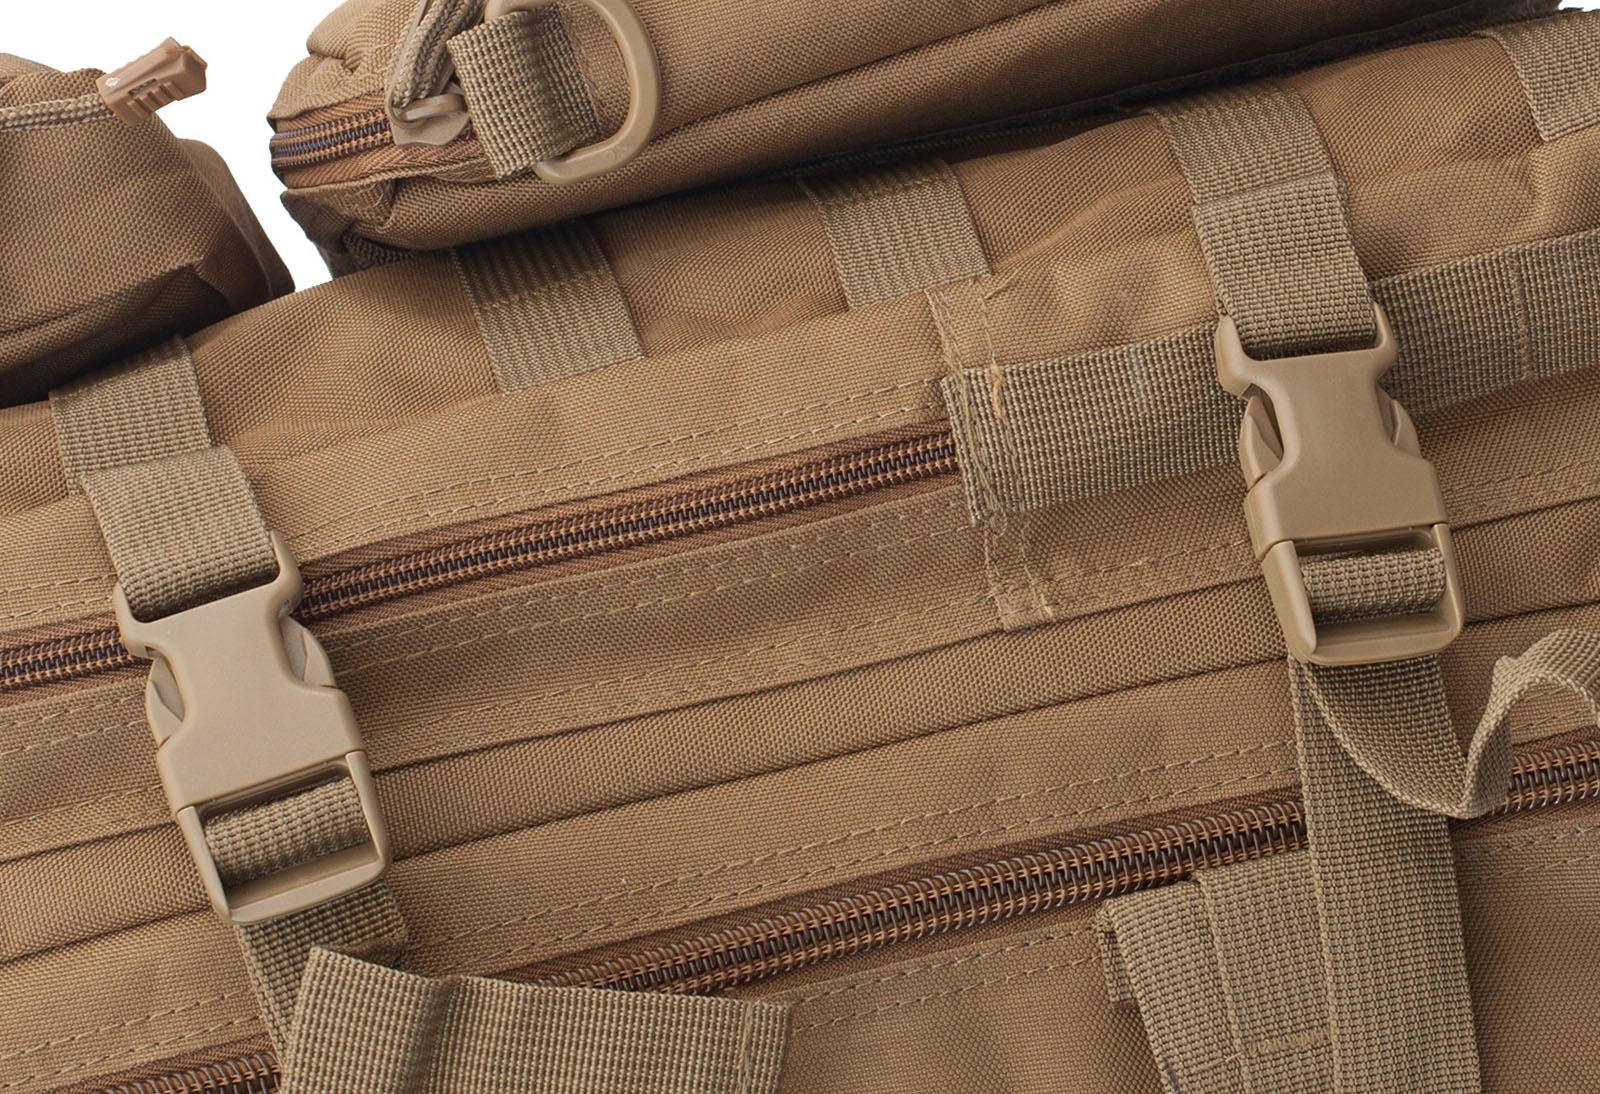 Тактический штурмовой рюкзак отменного качества